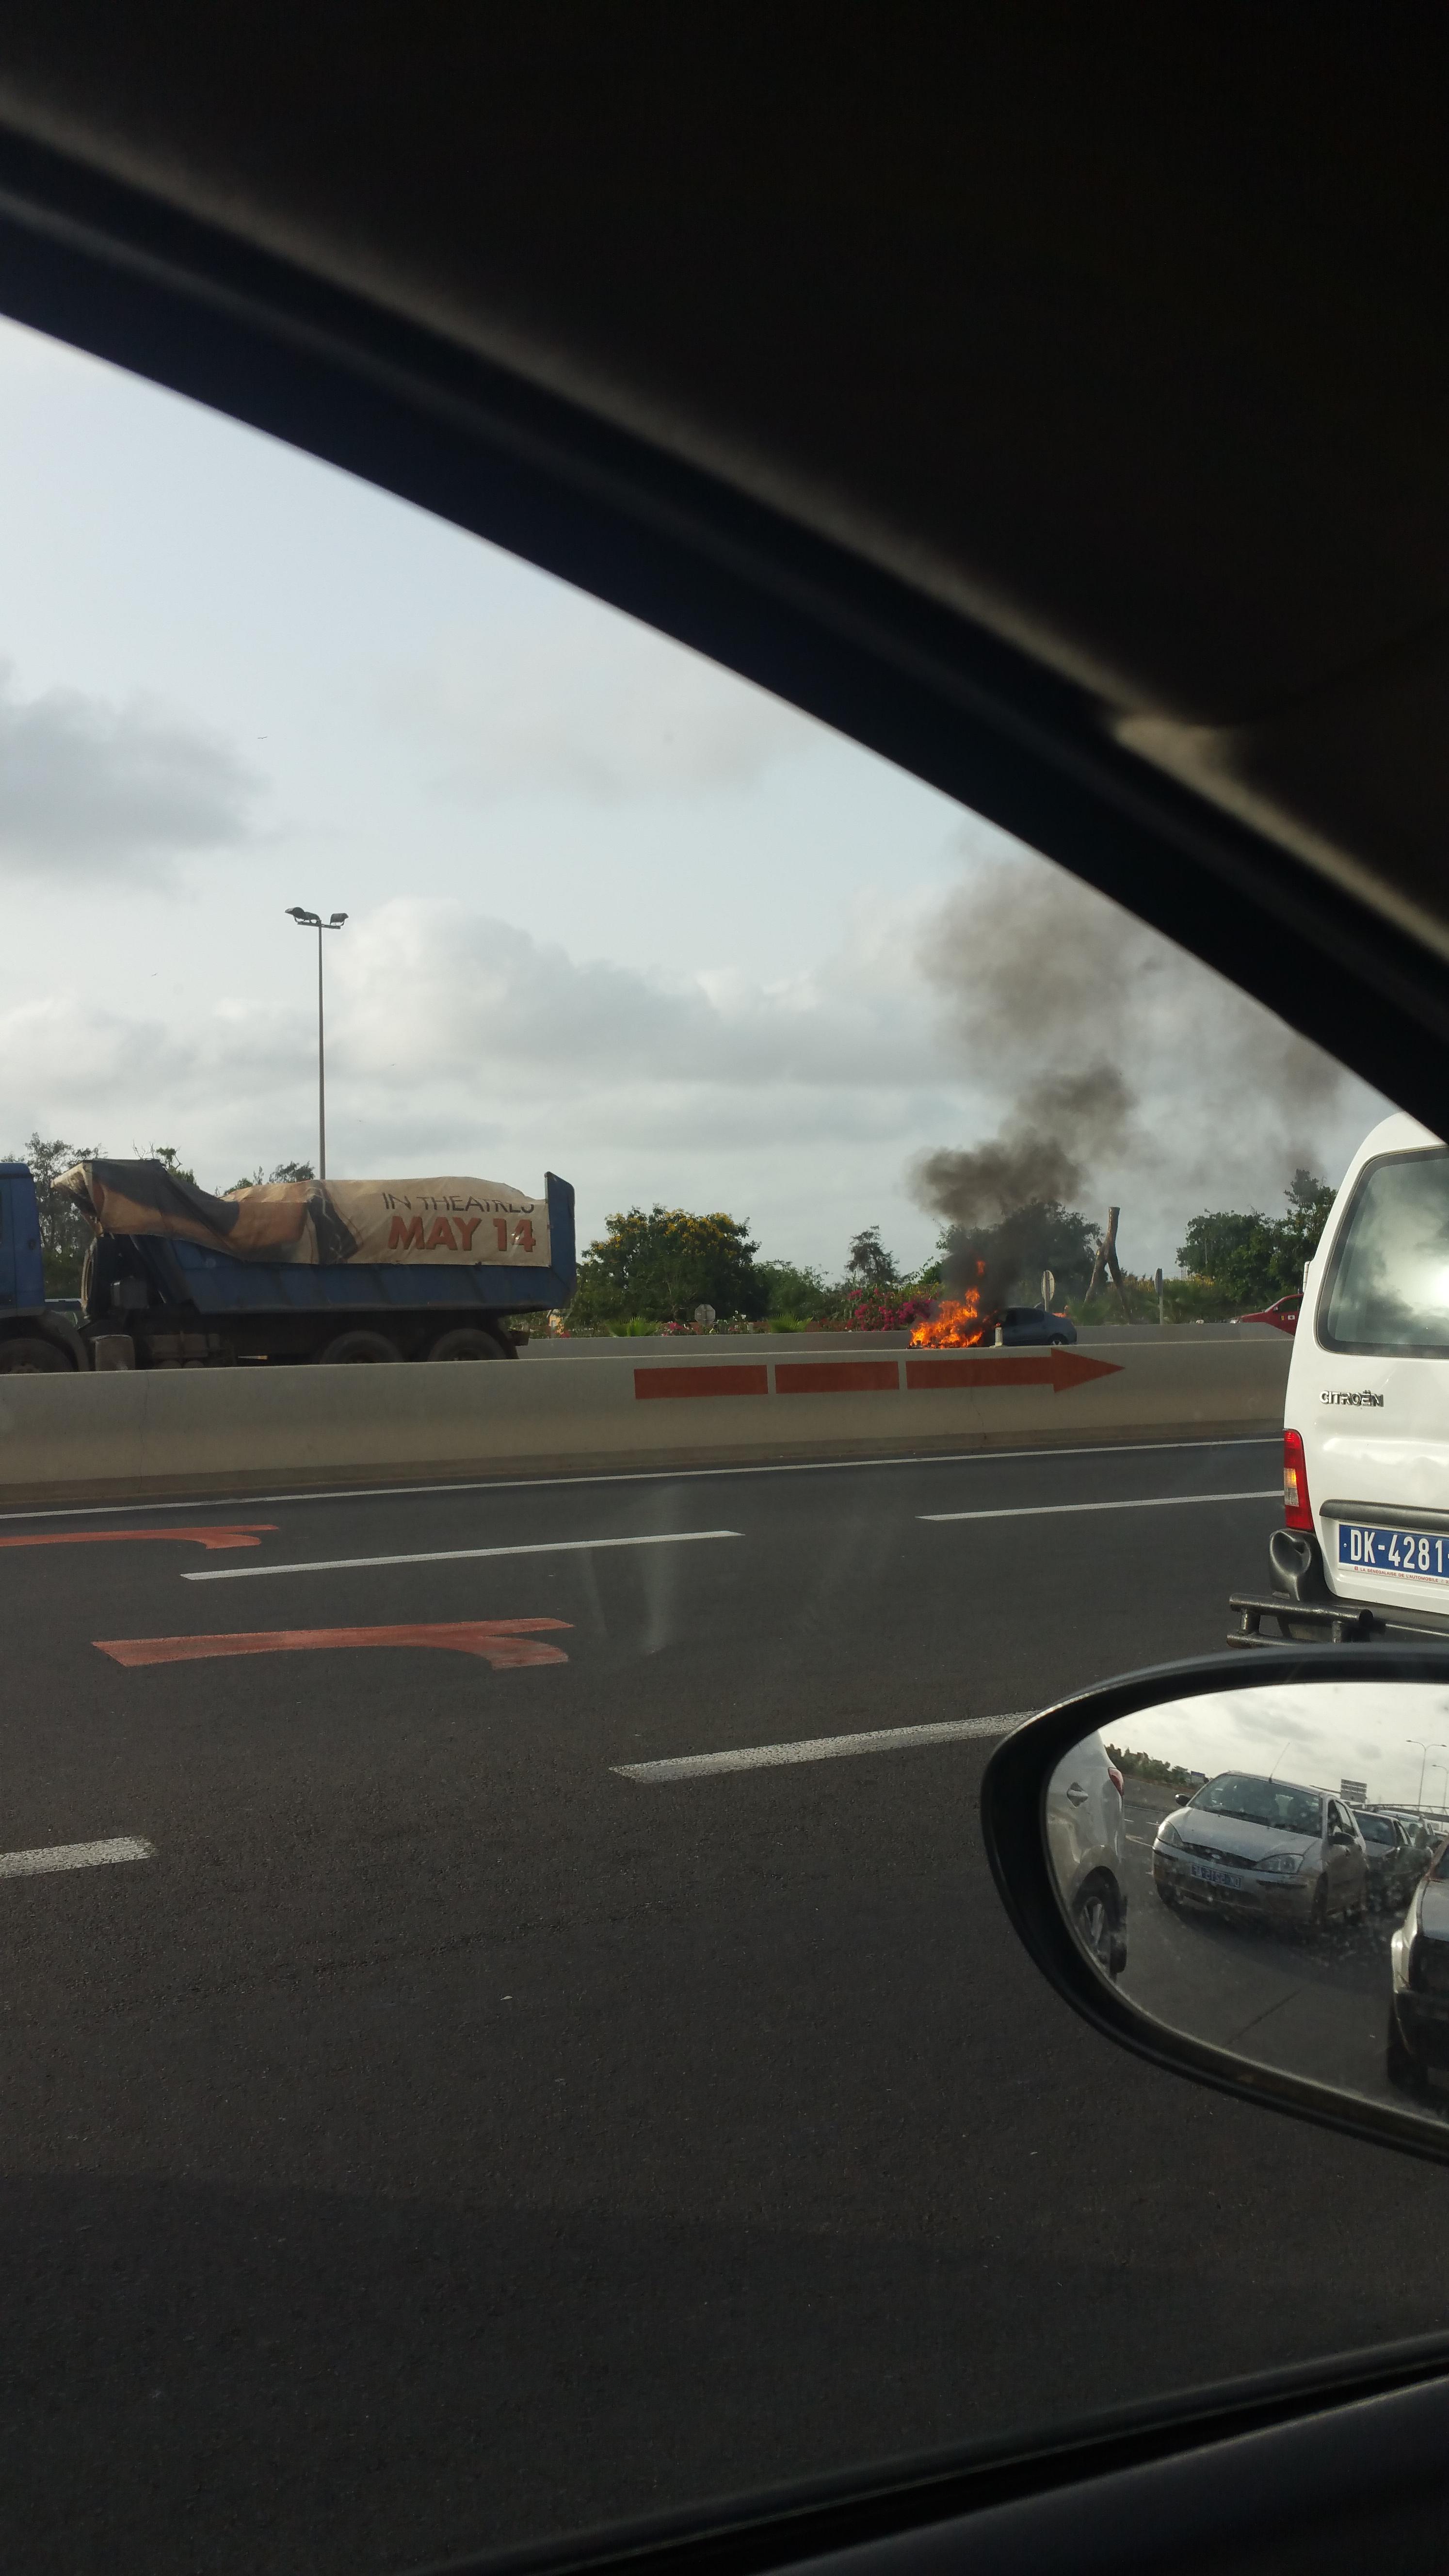 Autoroute à Péage : Une voiture prend feu